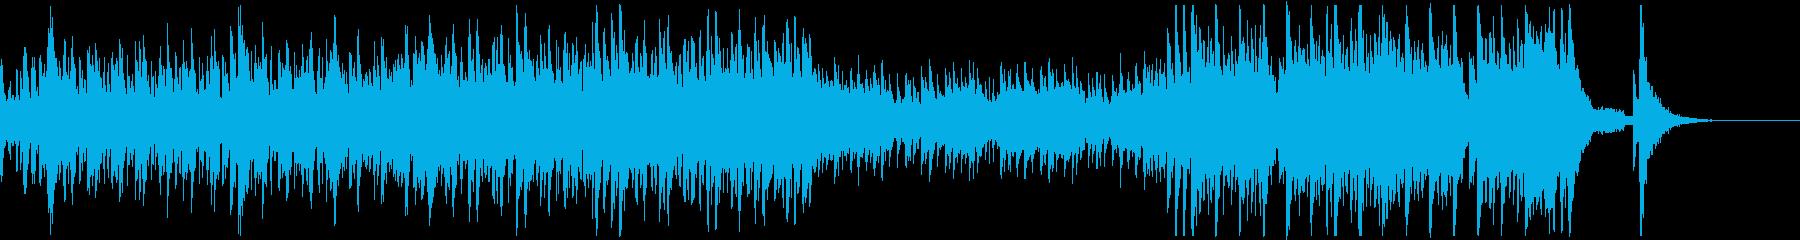 太鼓と三味線と尺八の迫力あるアンサンブルの再生済みの波形